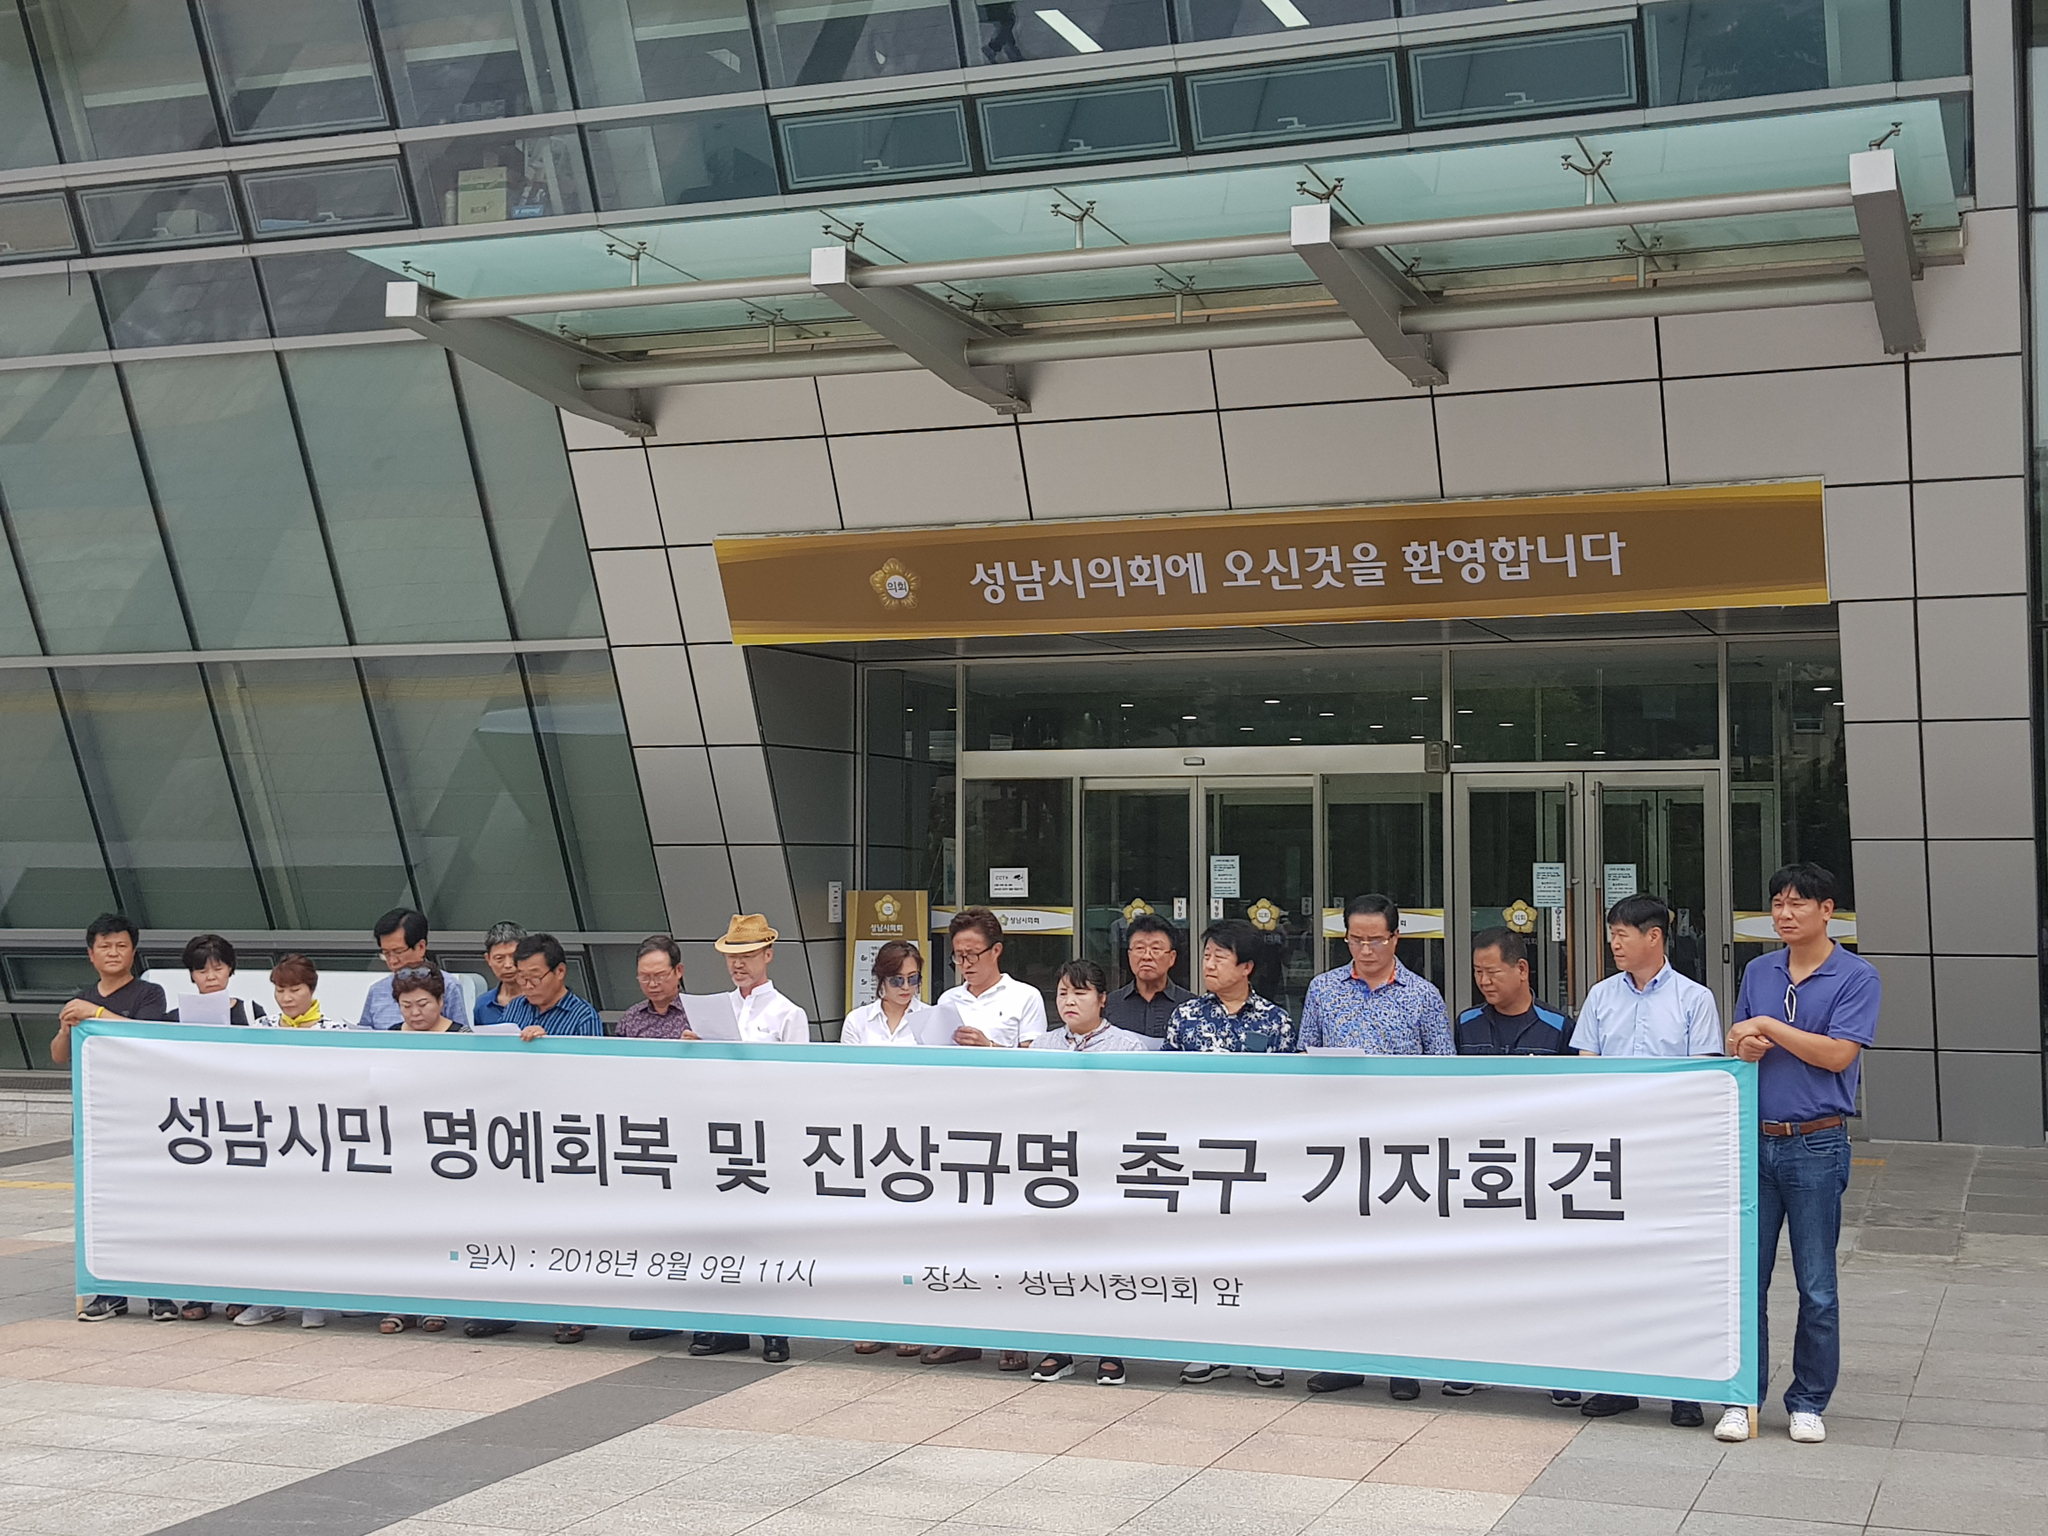 시민단체 '성남시민 명예회복과 진상규명 시민대책위원회'(가칭)가 9일 경기도 성남시의회 앞에서 기자회견을 열고 SBS '그것이 알고 싶다' 방송편에 대한 진상규명과 공정 보도를 촉구했다. [사진 해당 단체]